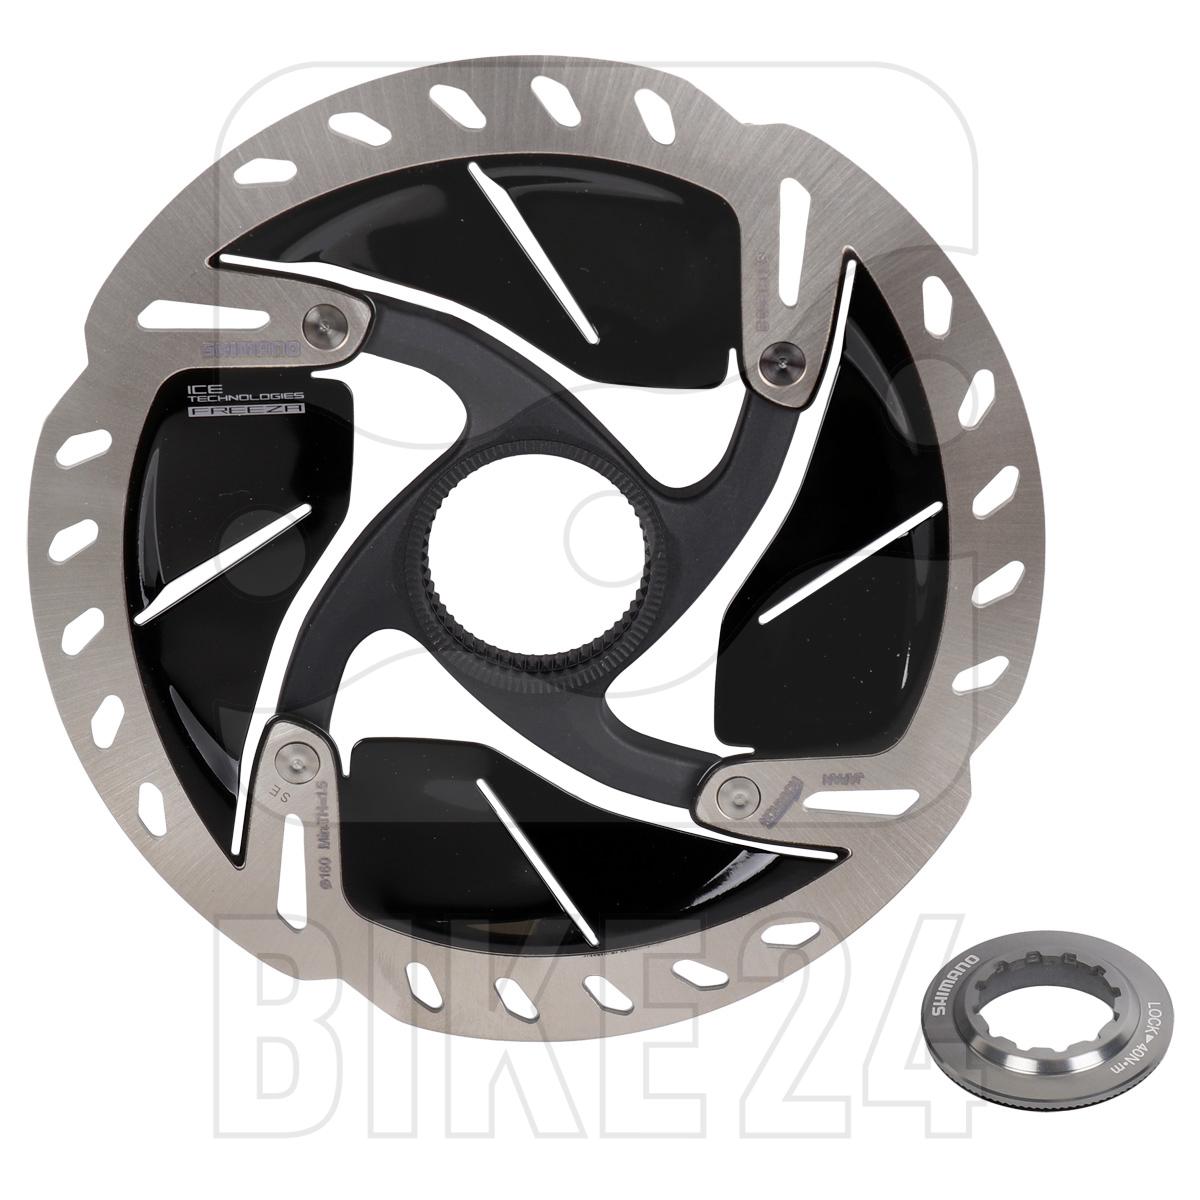 Produktbild von Shimano Dura Ace SM-RT900 Ice-Tech Freeza Bremsscheibe - Centerlock